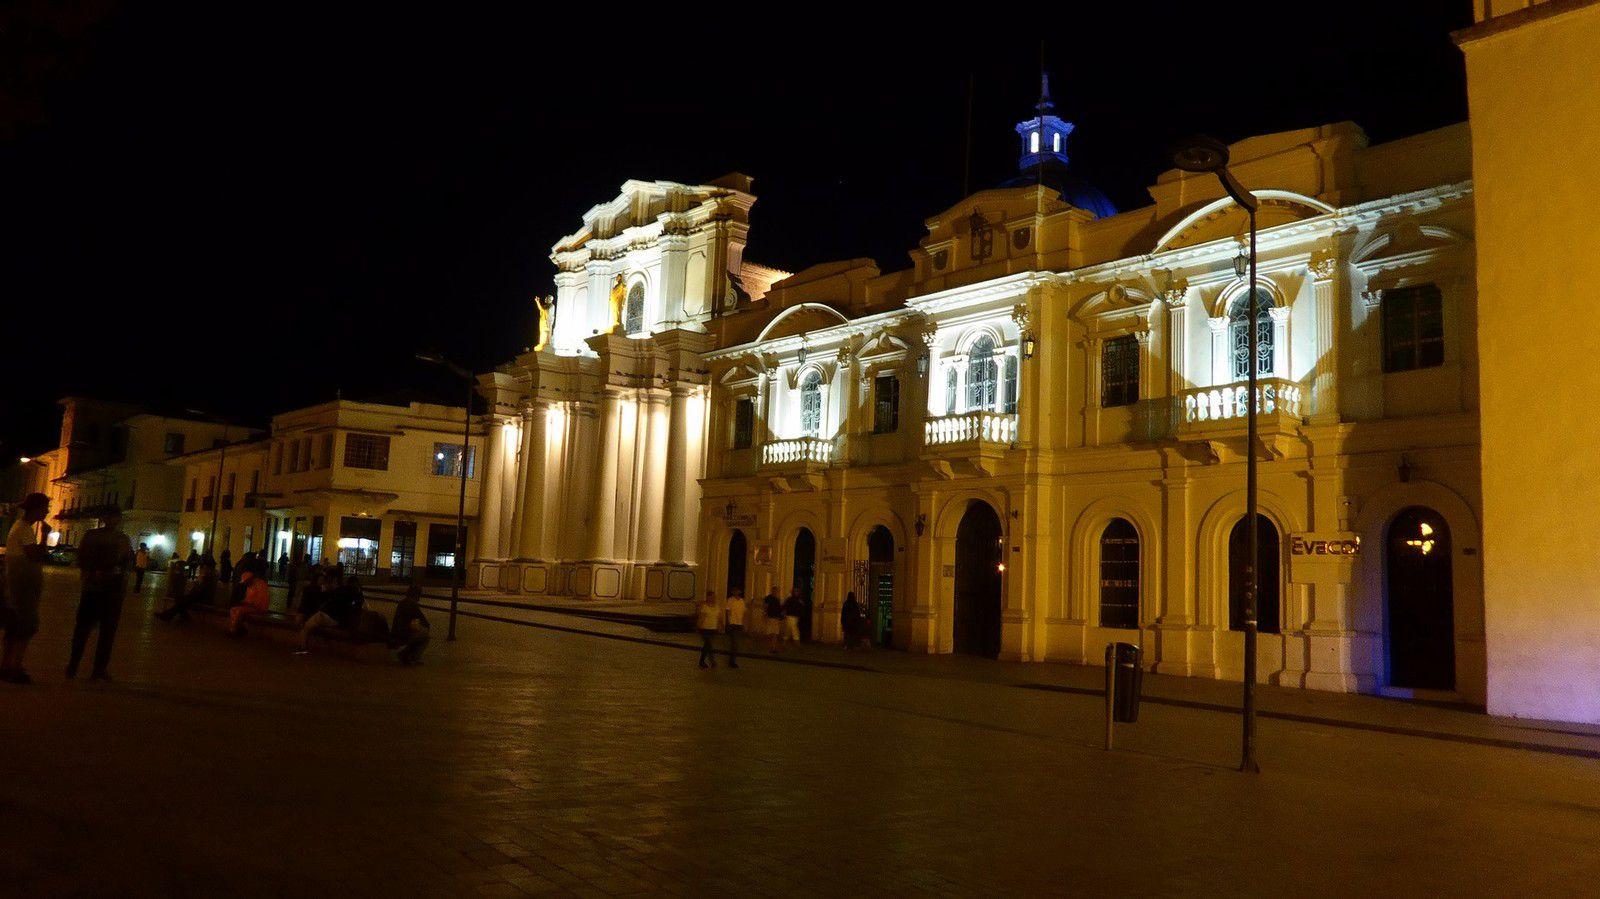 J21 - Mercredi 8 Janvier 2020 - Popayan, en Colombie, après 24 heures de bus !